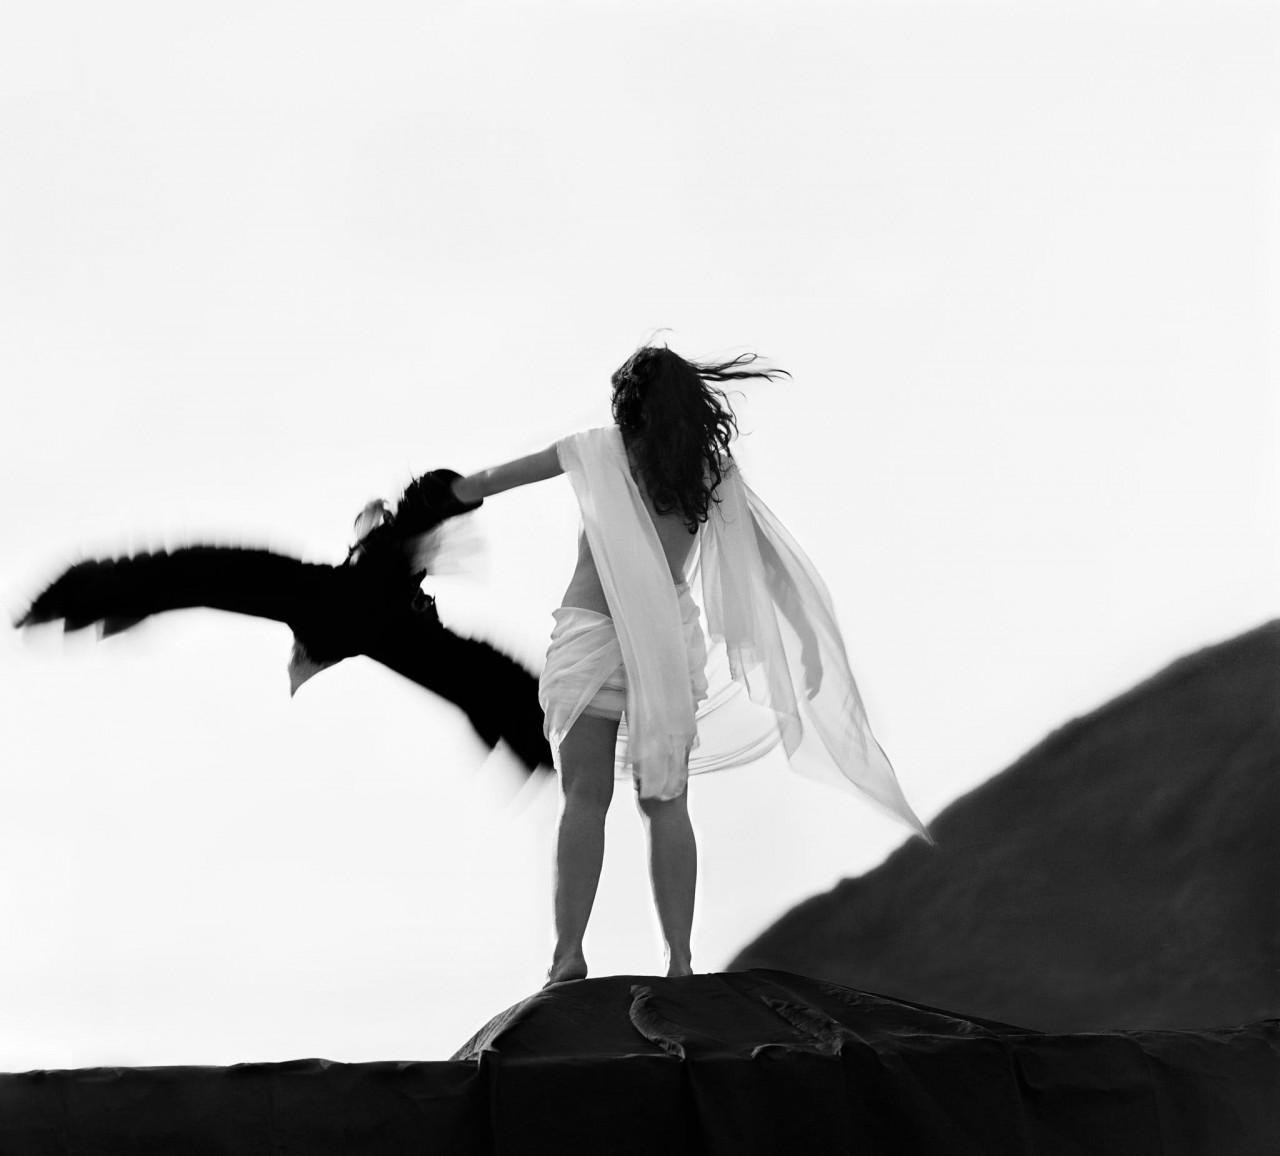 Похищение женщины, Швейцария, 2008. Фотограф Флор Гардуньо